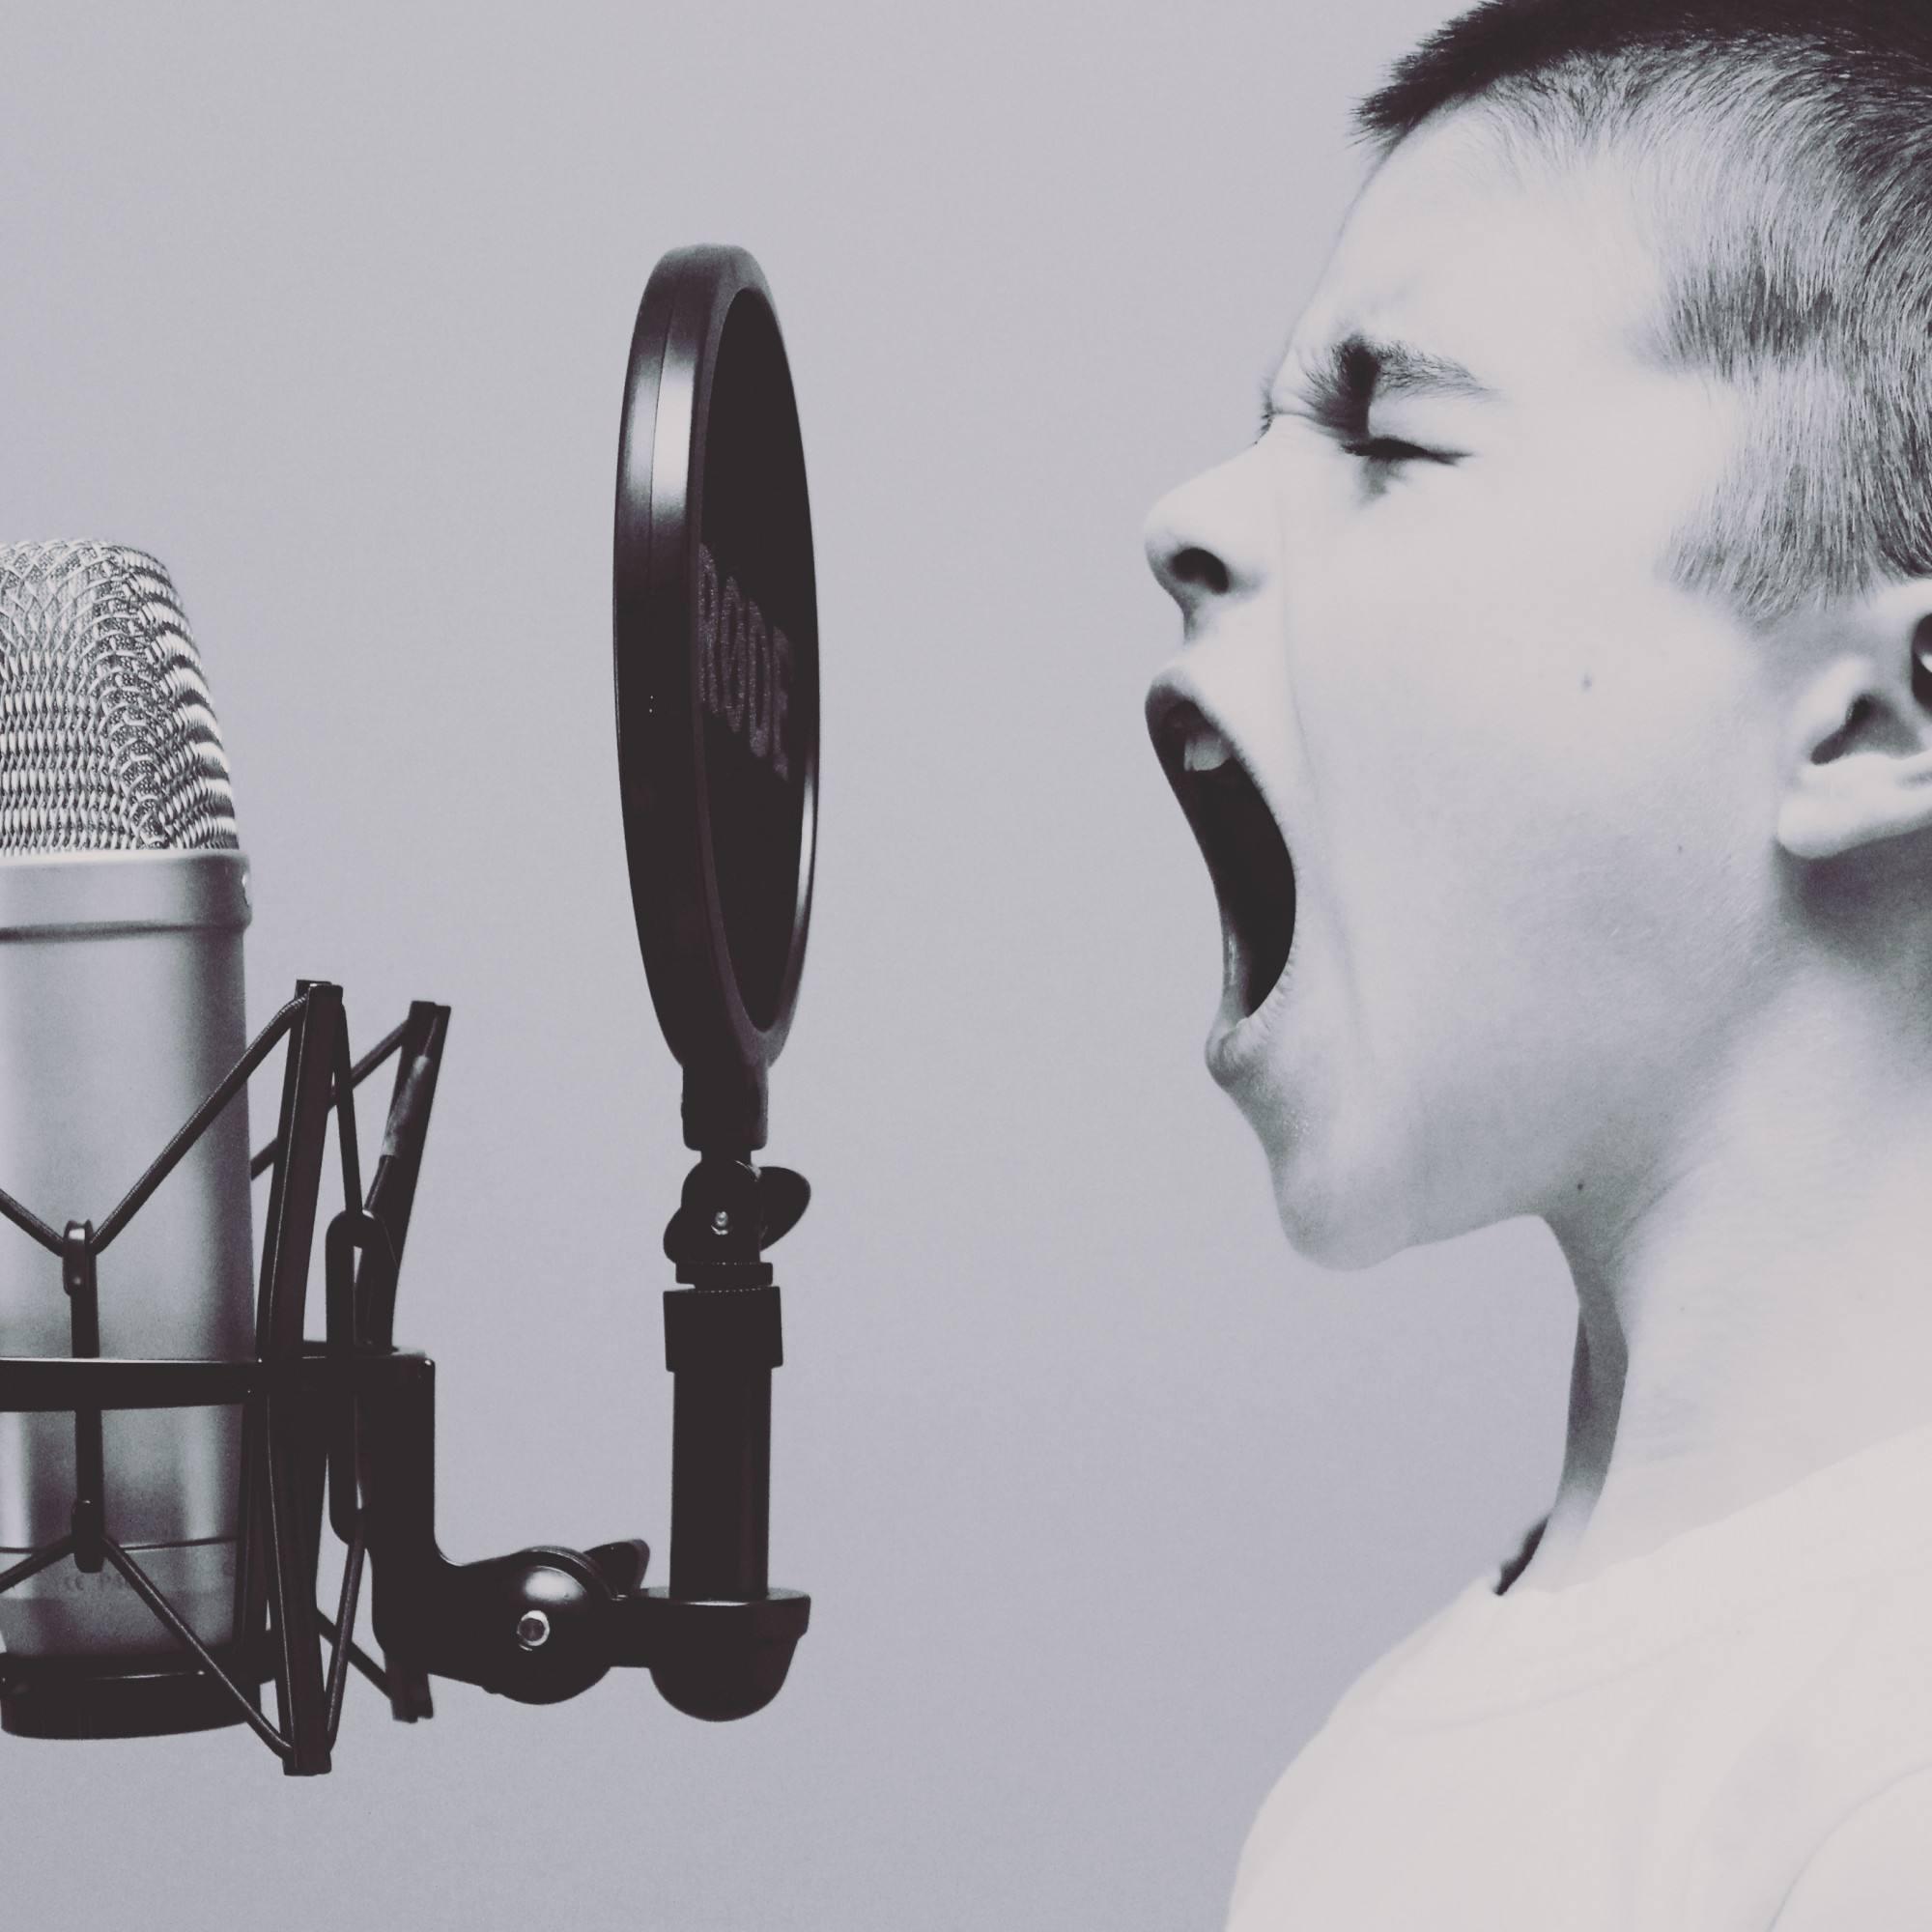 破解很多家长关注的问题:少儿学习声乐一般多久能够见到成效